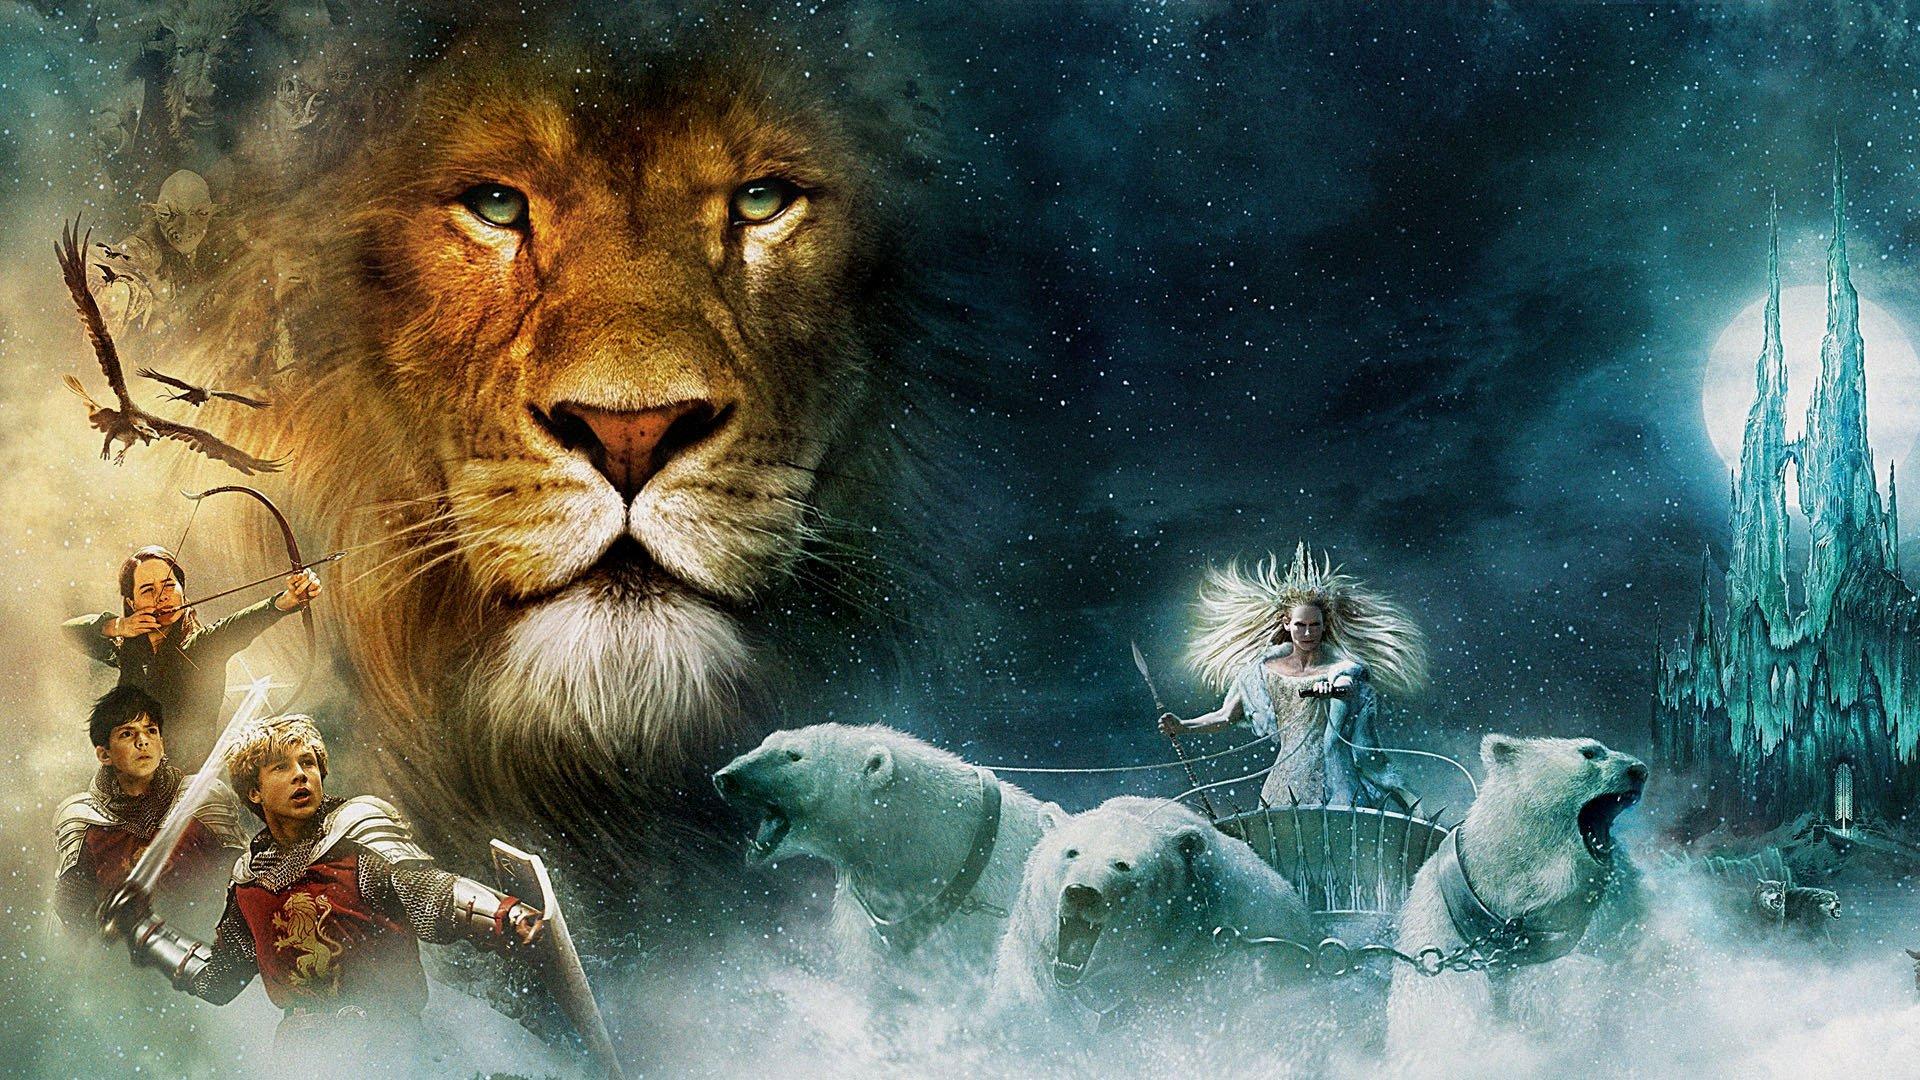 Regarder Le monde de Narnia, chapitre 1 – Le lion, la sorcière blanche et l'armoire magique en streaming gratuit